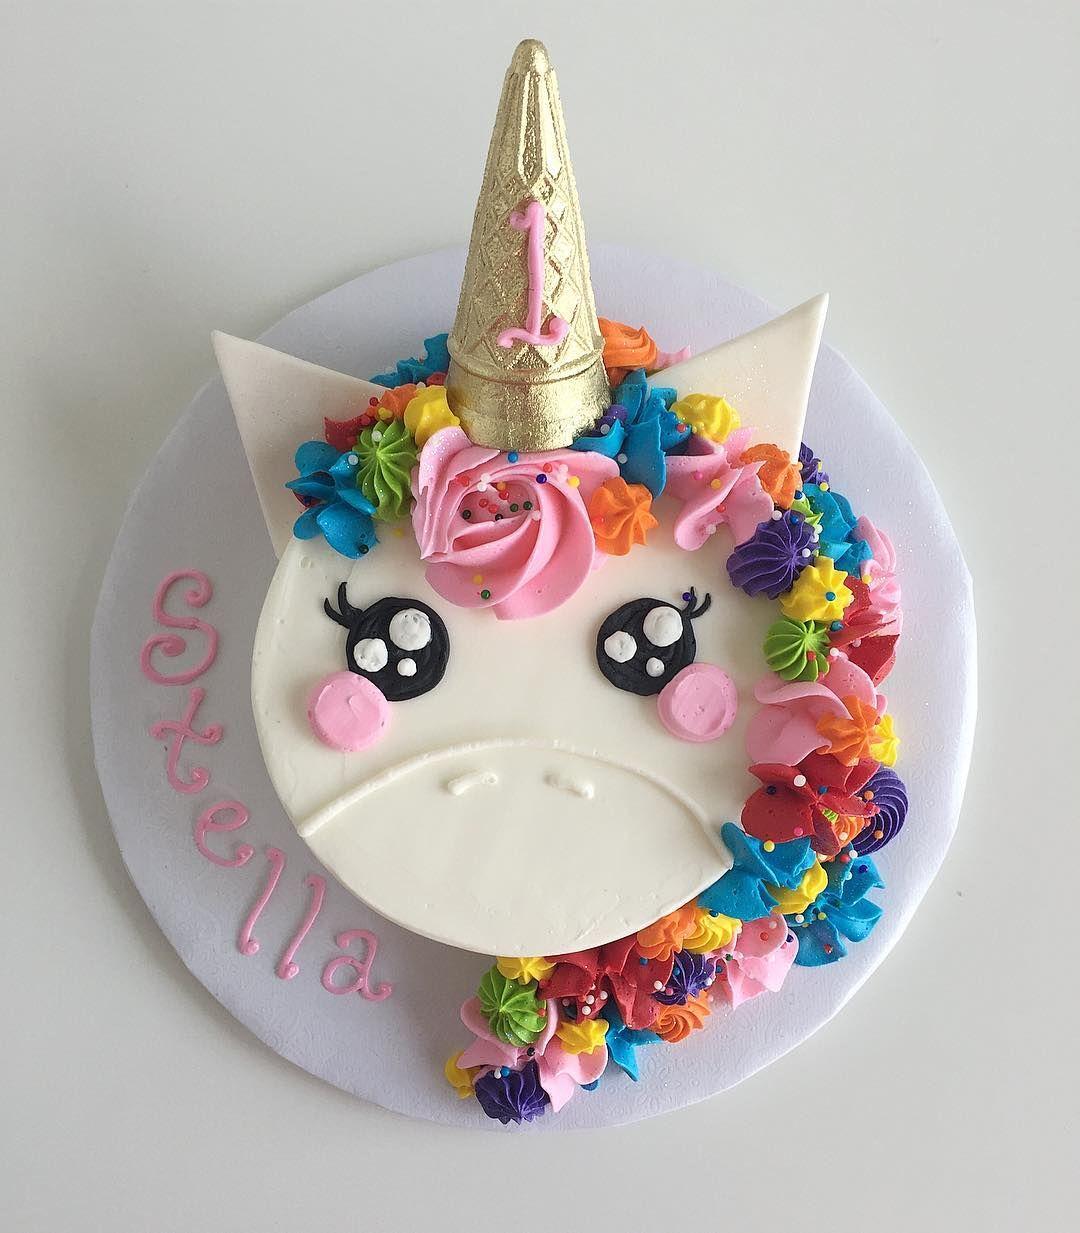 Mini Unicorn Smash Cake For Cutie Pie Stella With